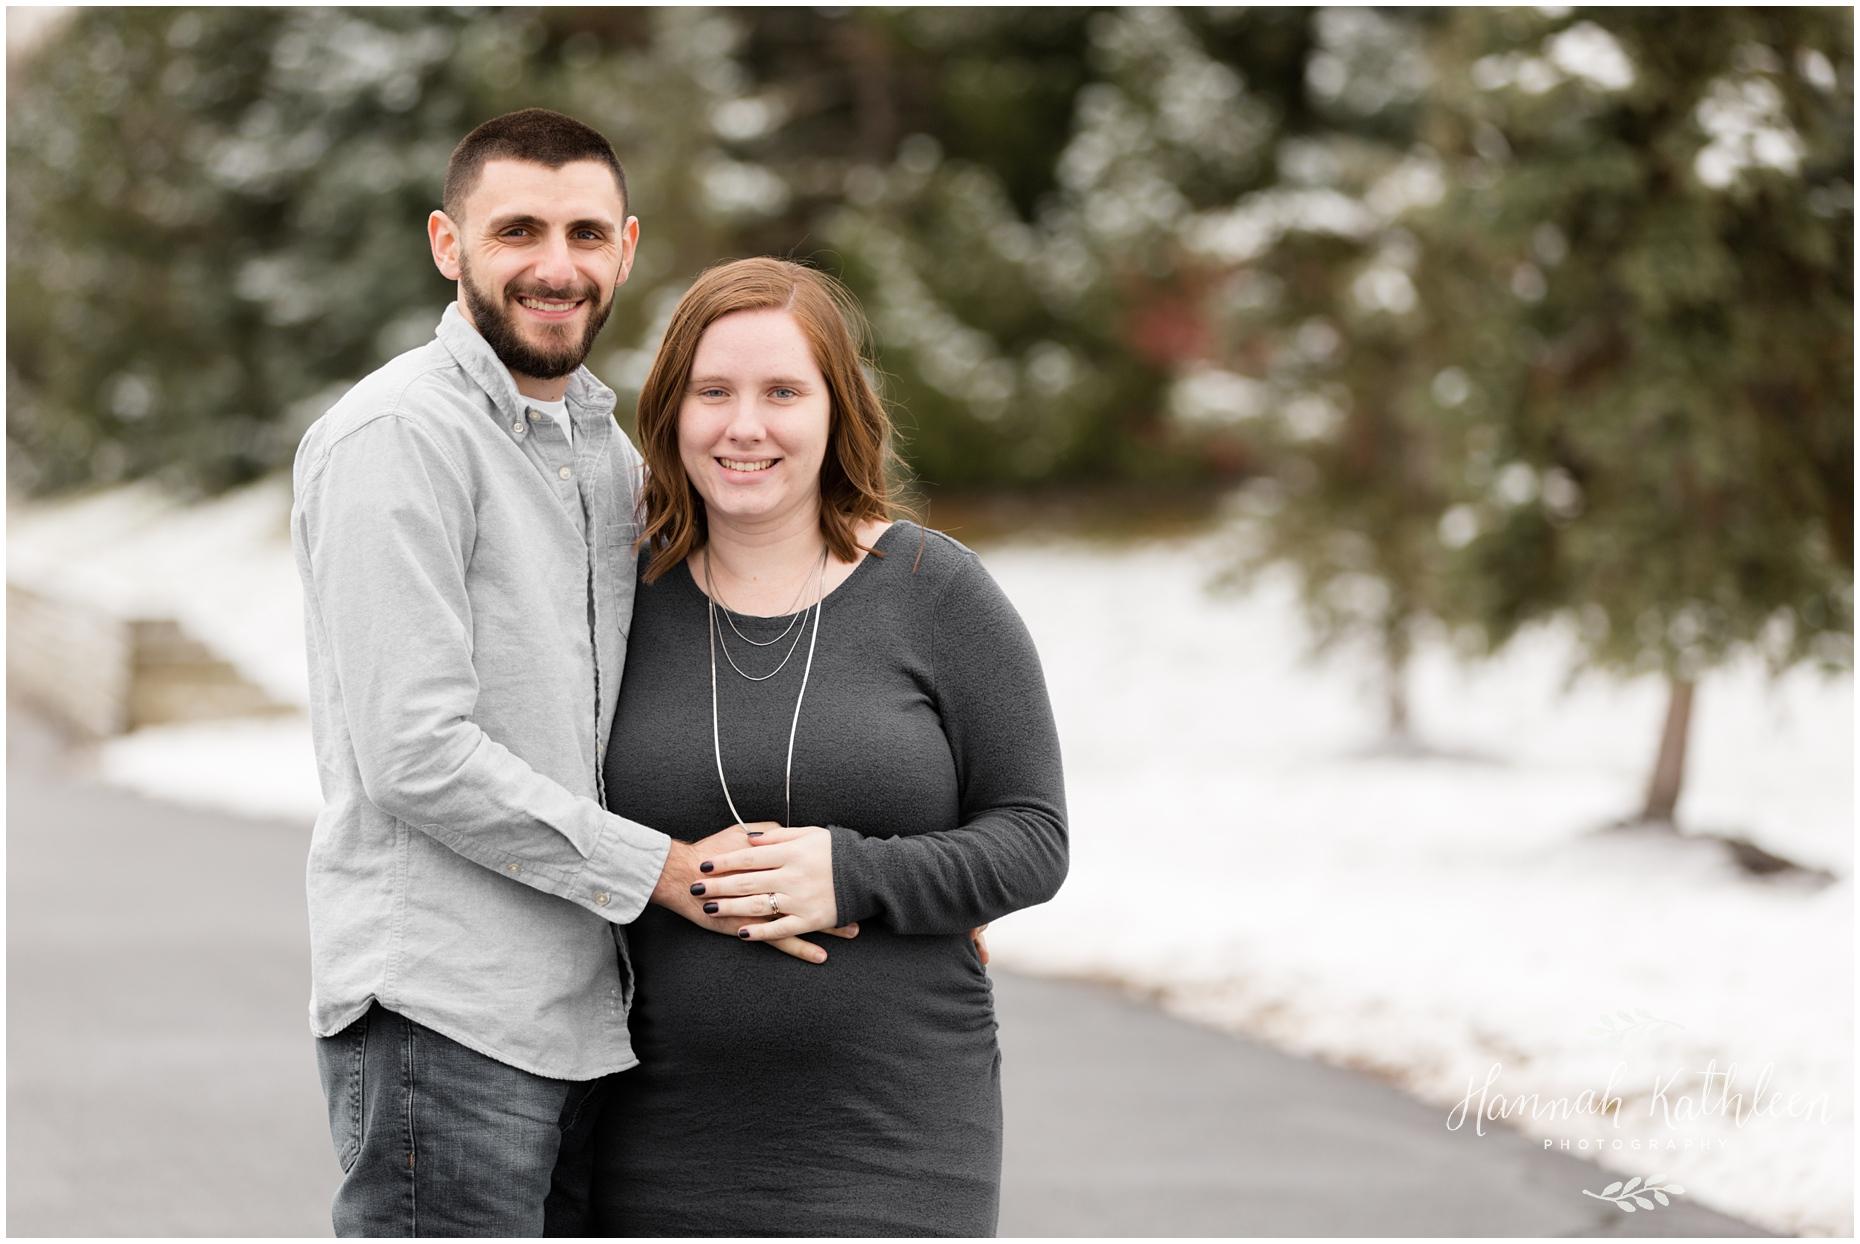 Nick_Brooke_Winter_Maternity_Photos_Buffalo_NY